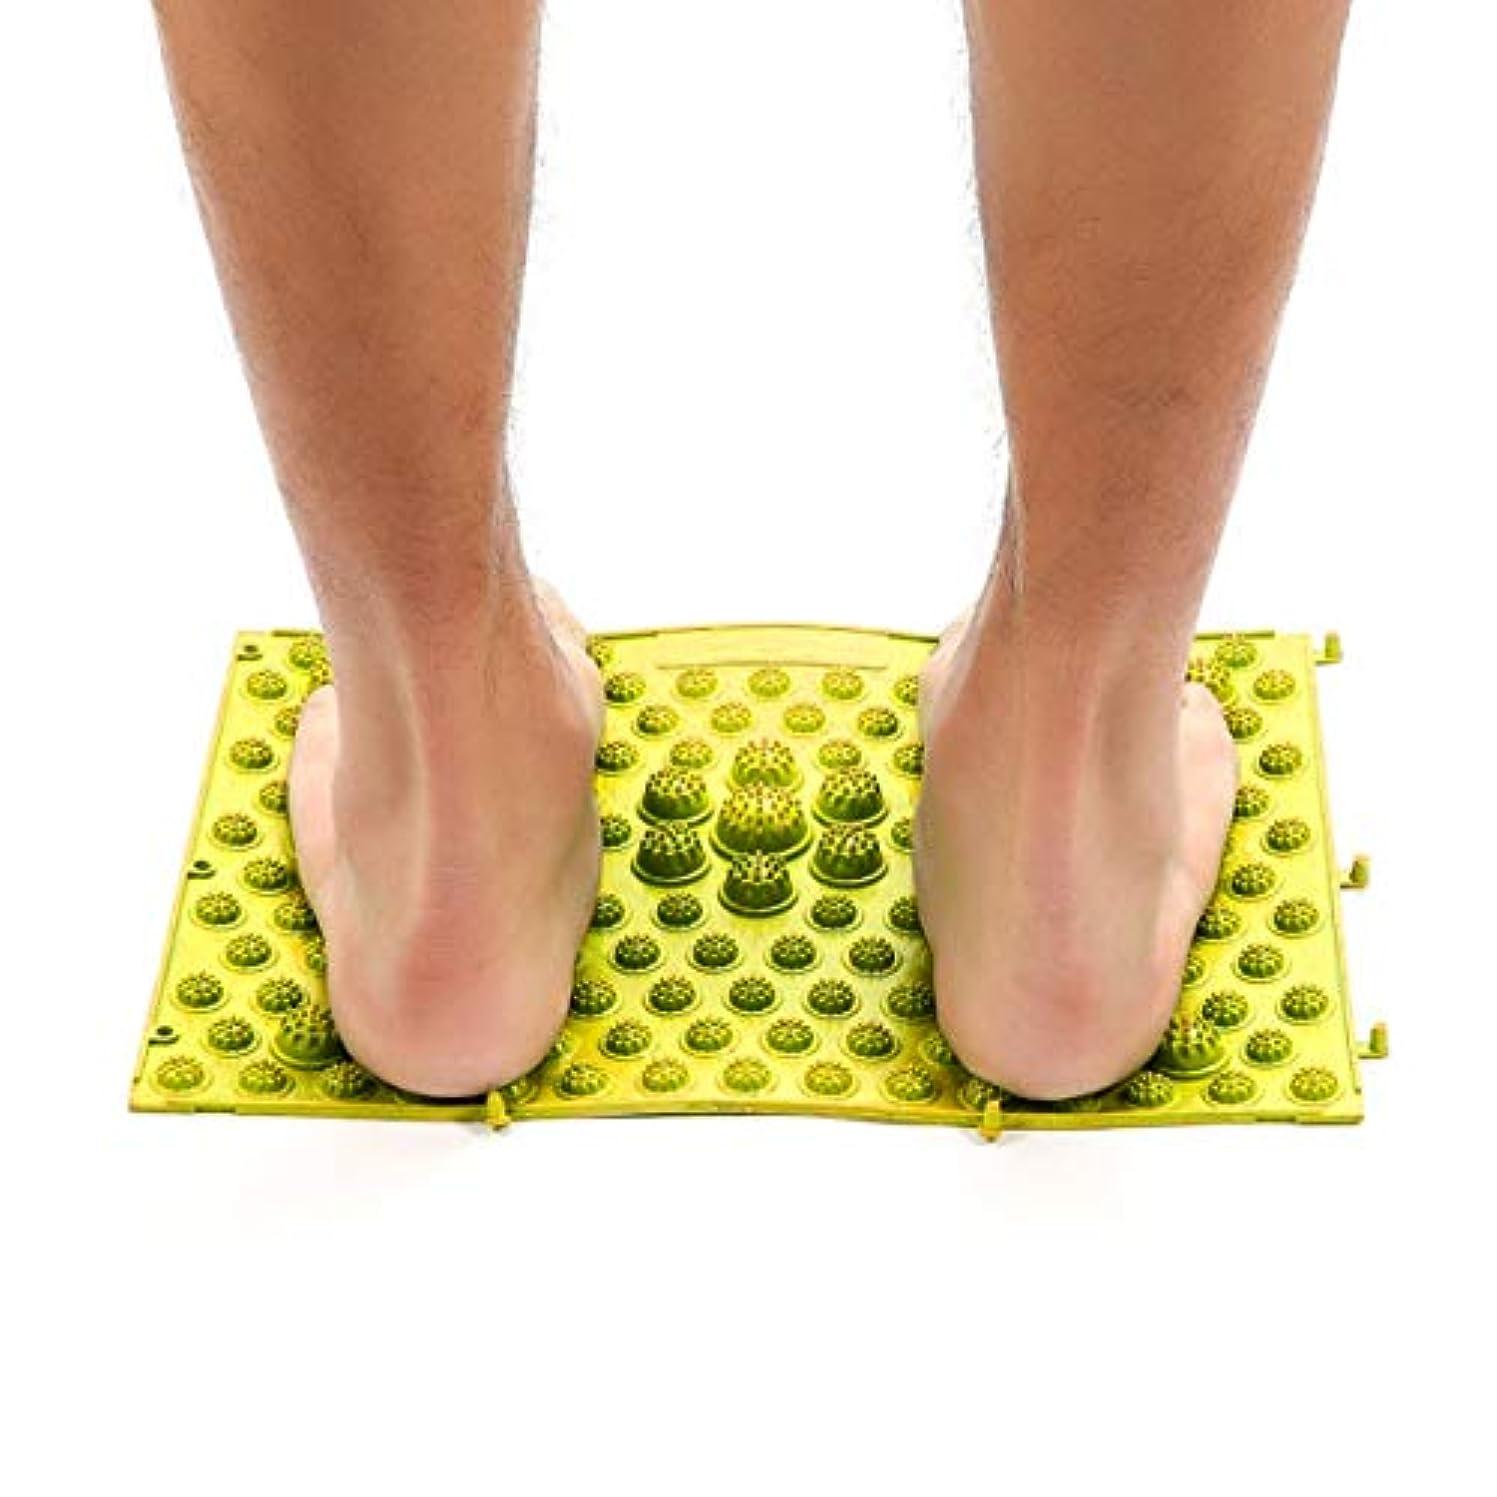 雑草単独でマンハッタンAcupressure Foot Mats Running Man Game Same Type Foot Reflexology Walking Massage Mat for Pain Relief Stress Relief...